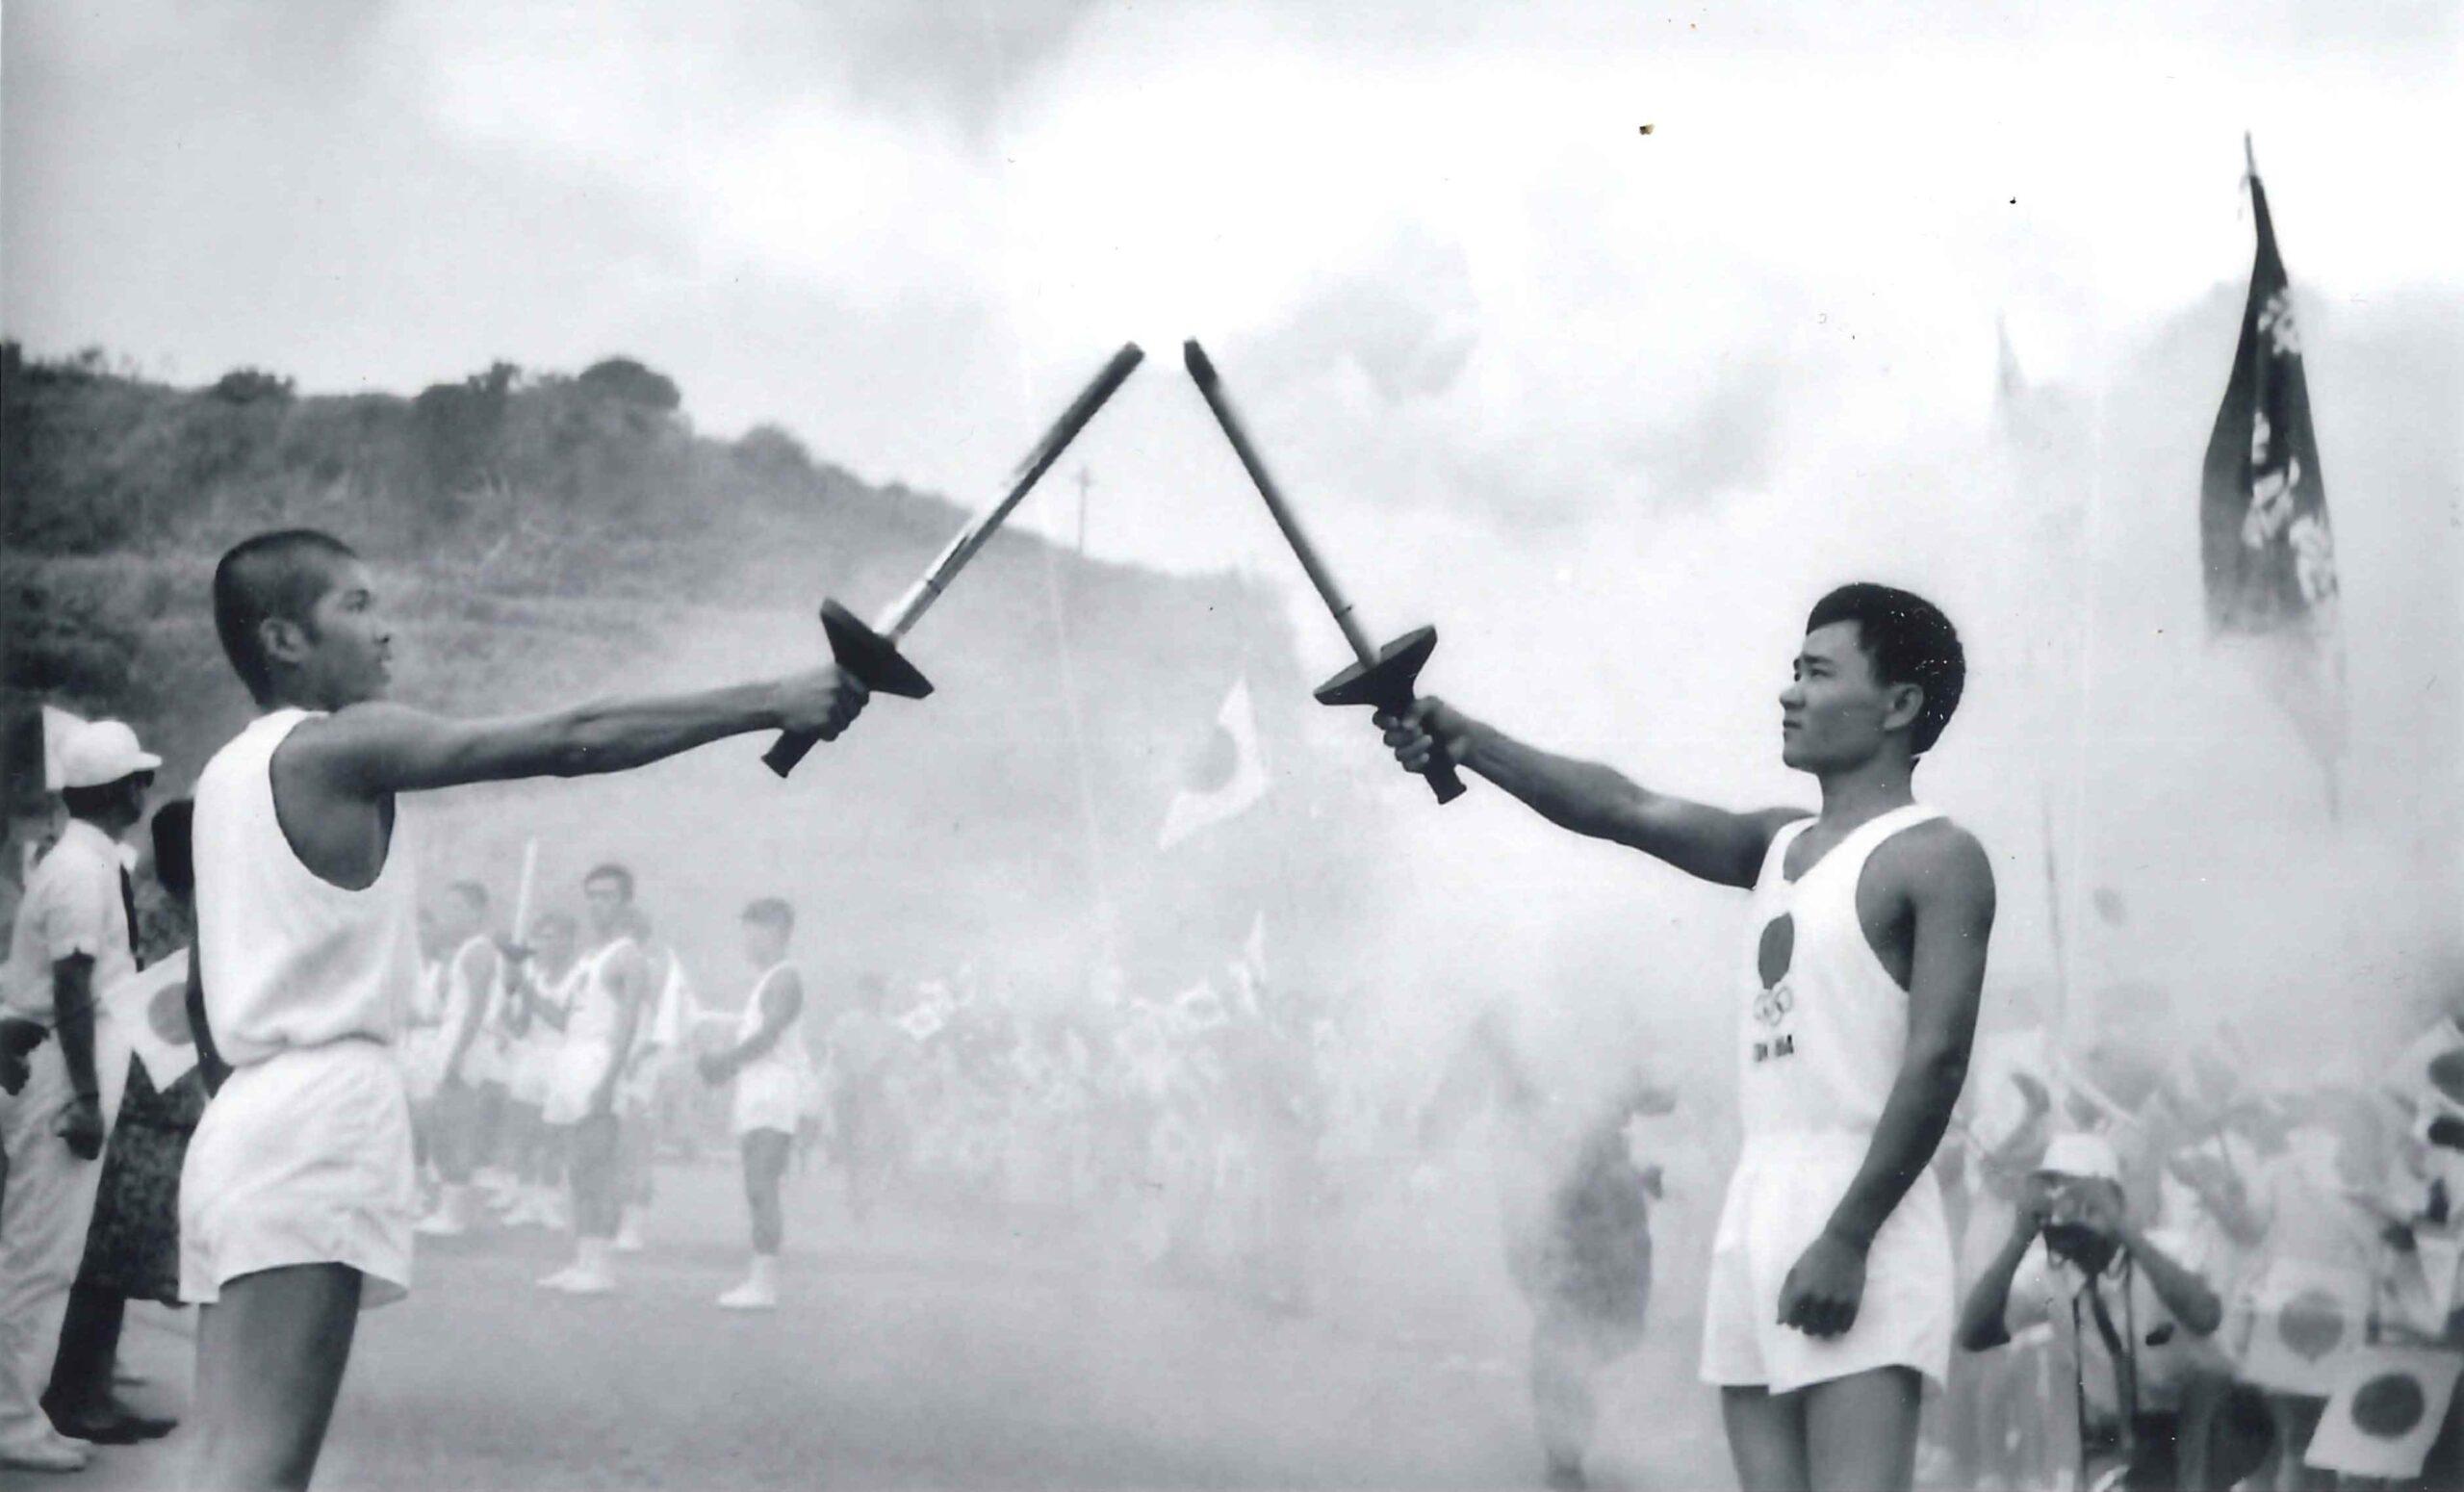 1964年 聖火リレーの写真を公開しました。